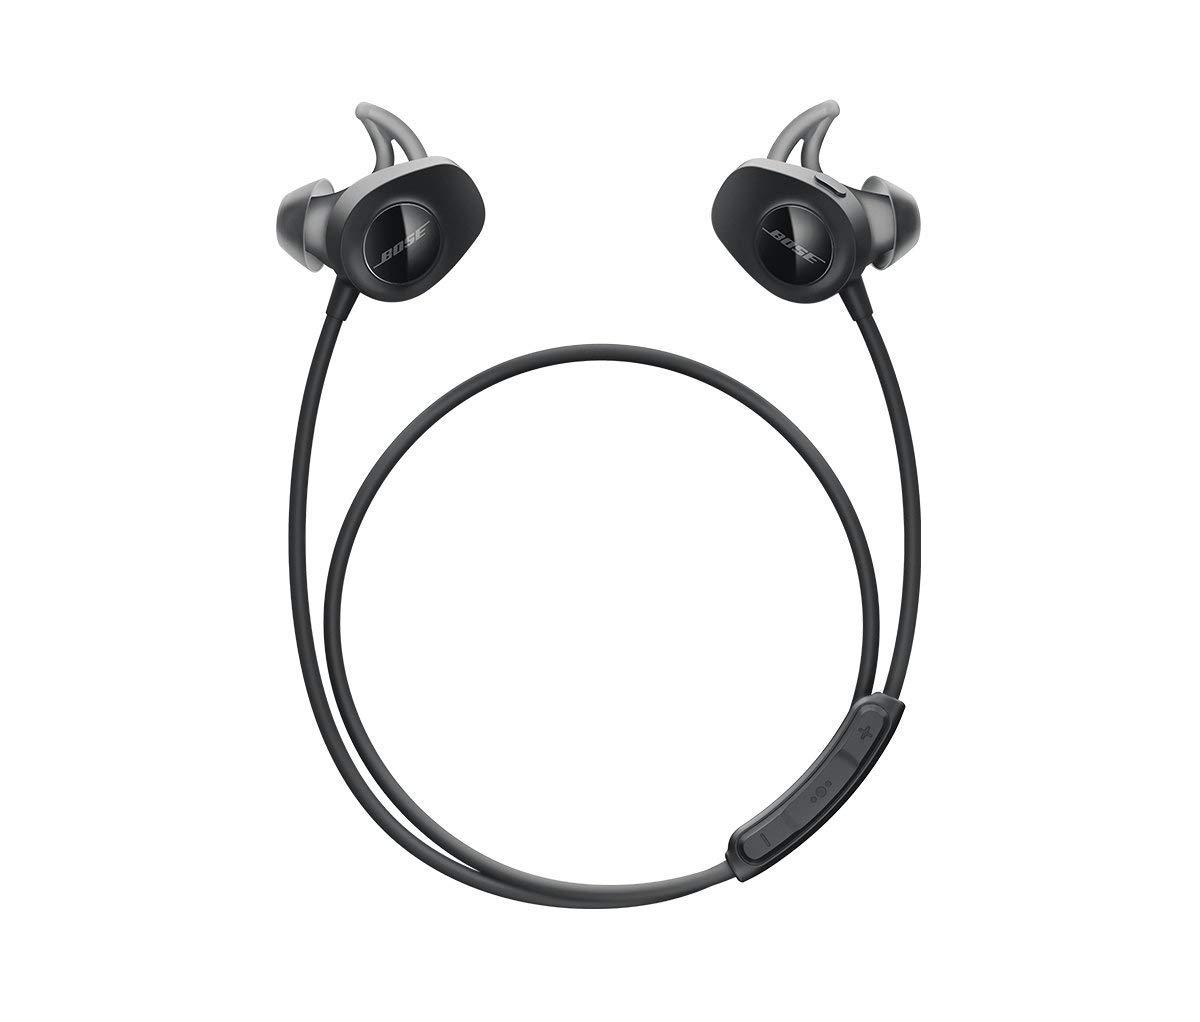 Tai Nghe Bluetooth Bose SoundSport- Chính Hãng